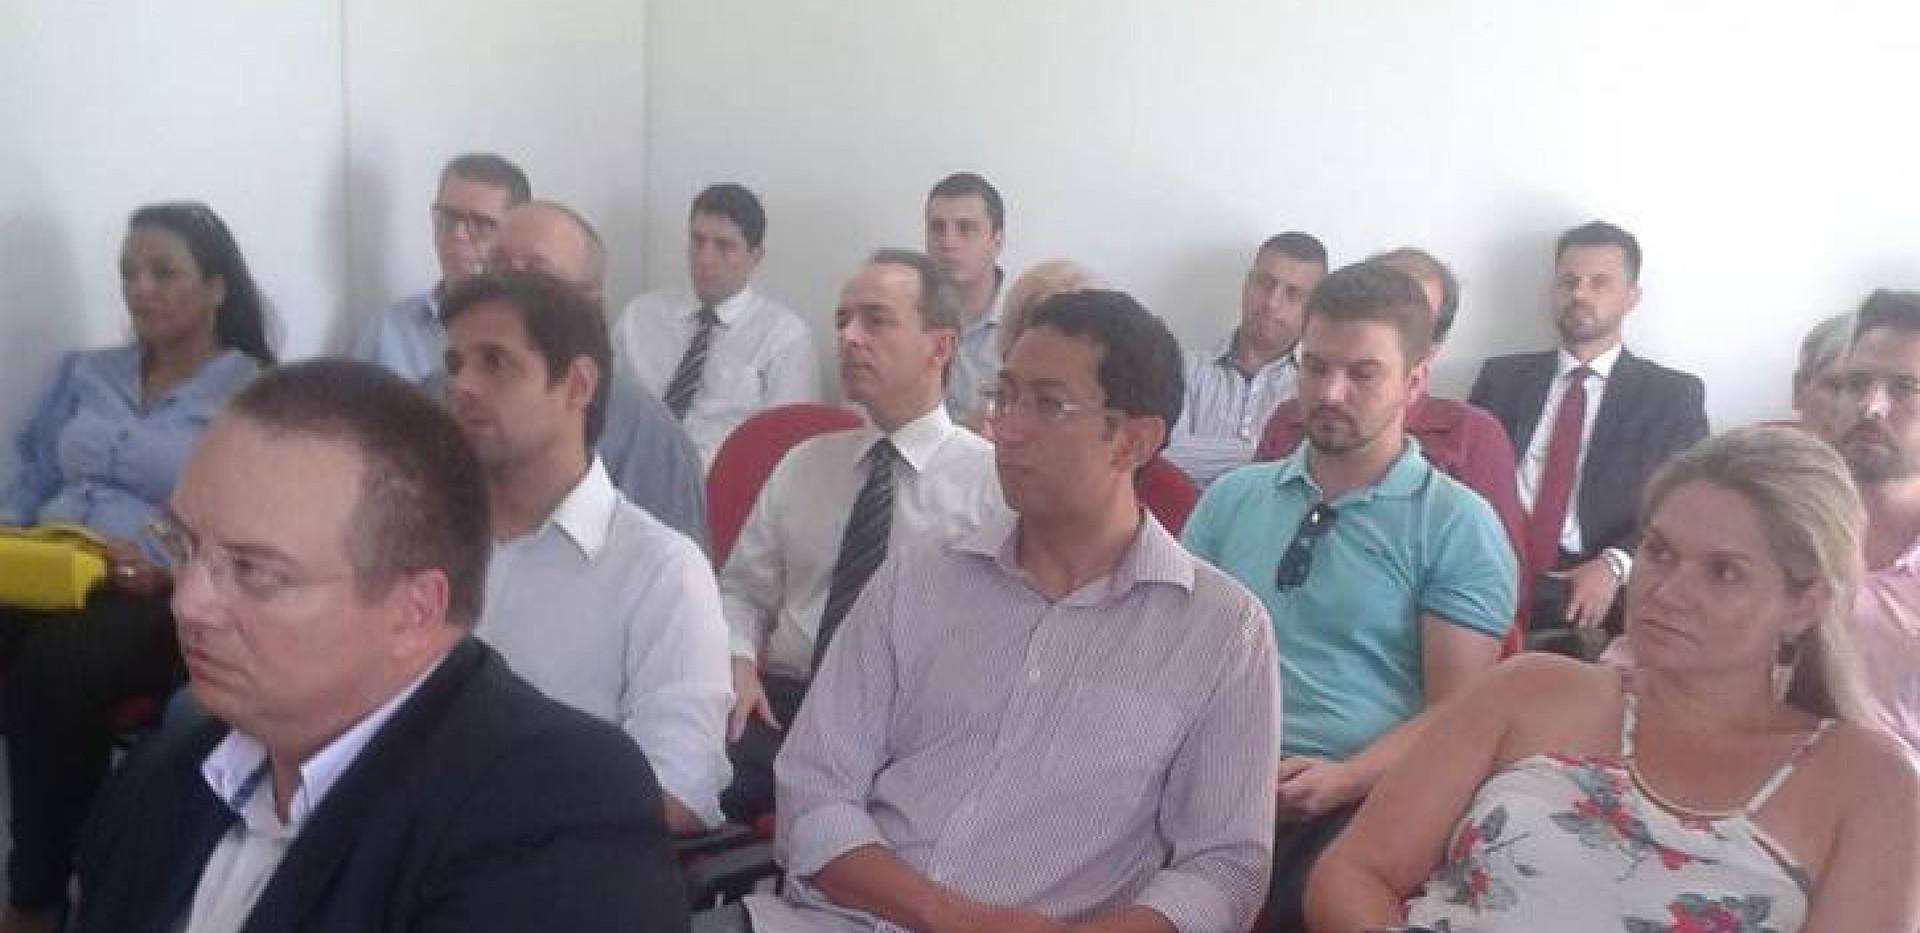 SANTA-CATARINA-APRESENTAÇÃO-ASSEMBLEIA-E